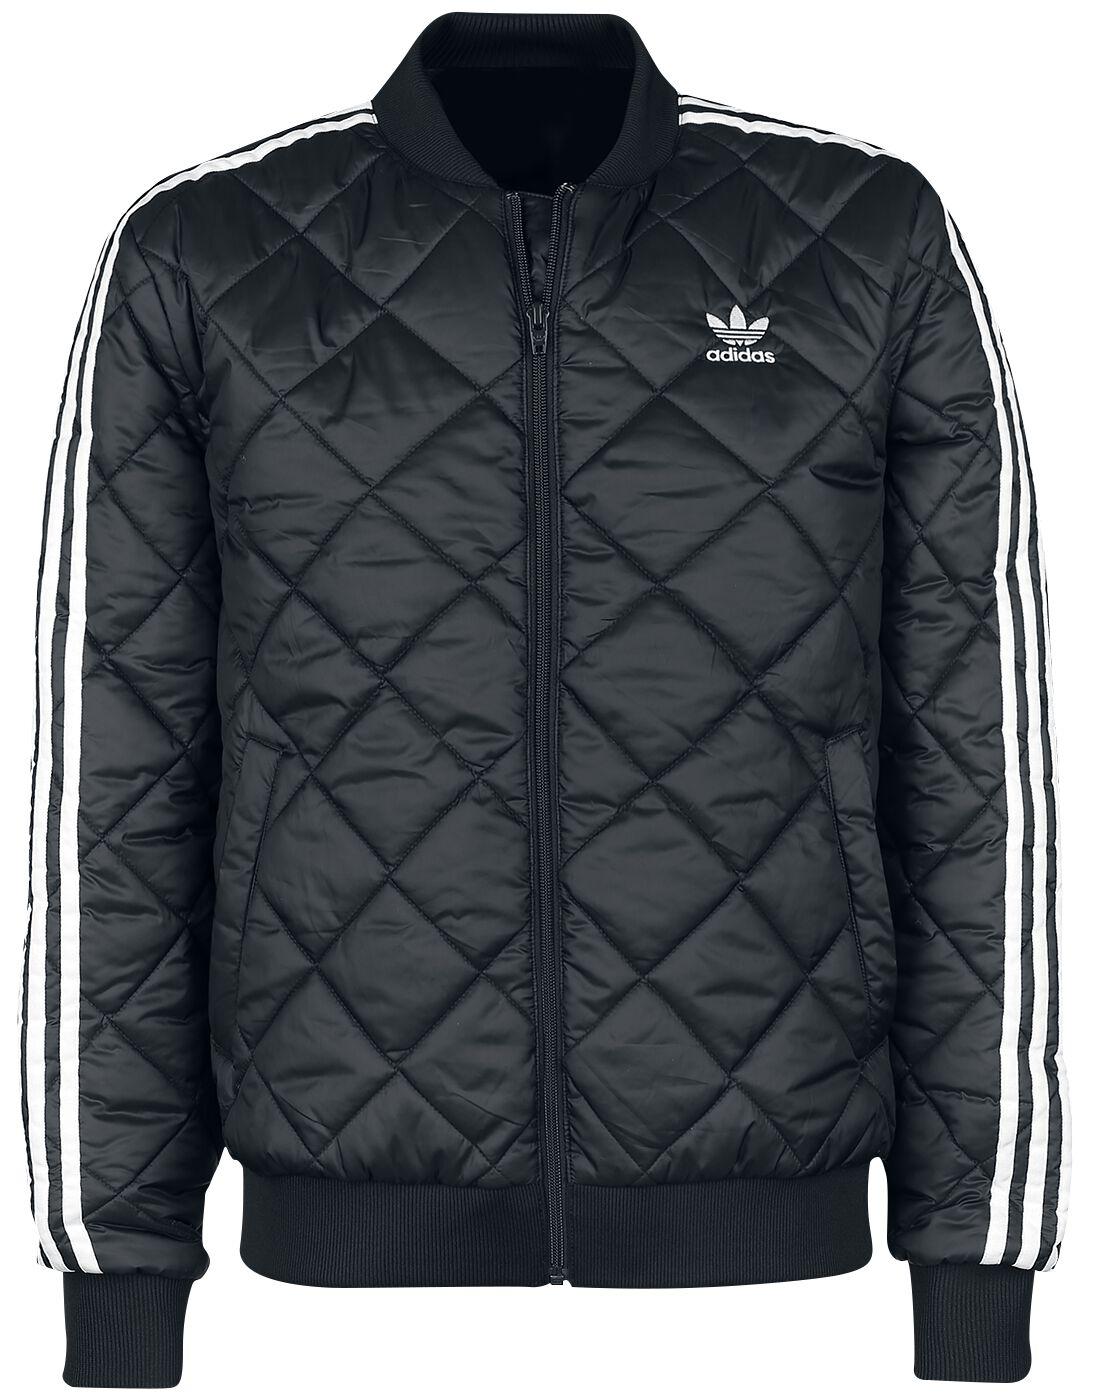 fab43d10ff553 Marki Kurtki Kurtka Adidas SST Quilted Kurtka czarny 384604 - cena - 489.90  zł